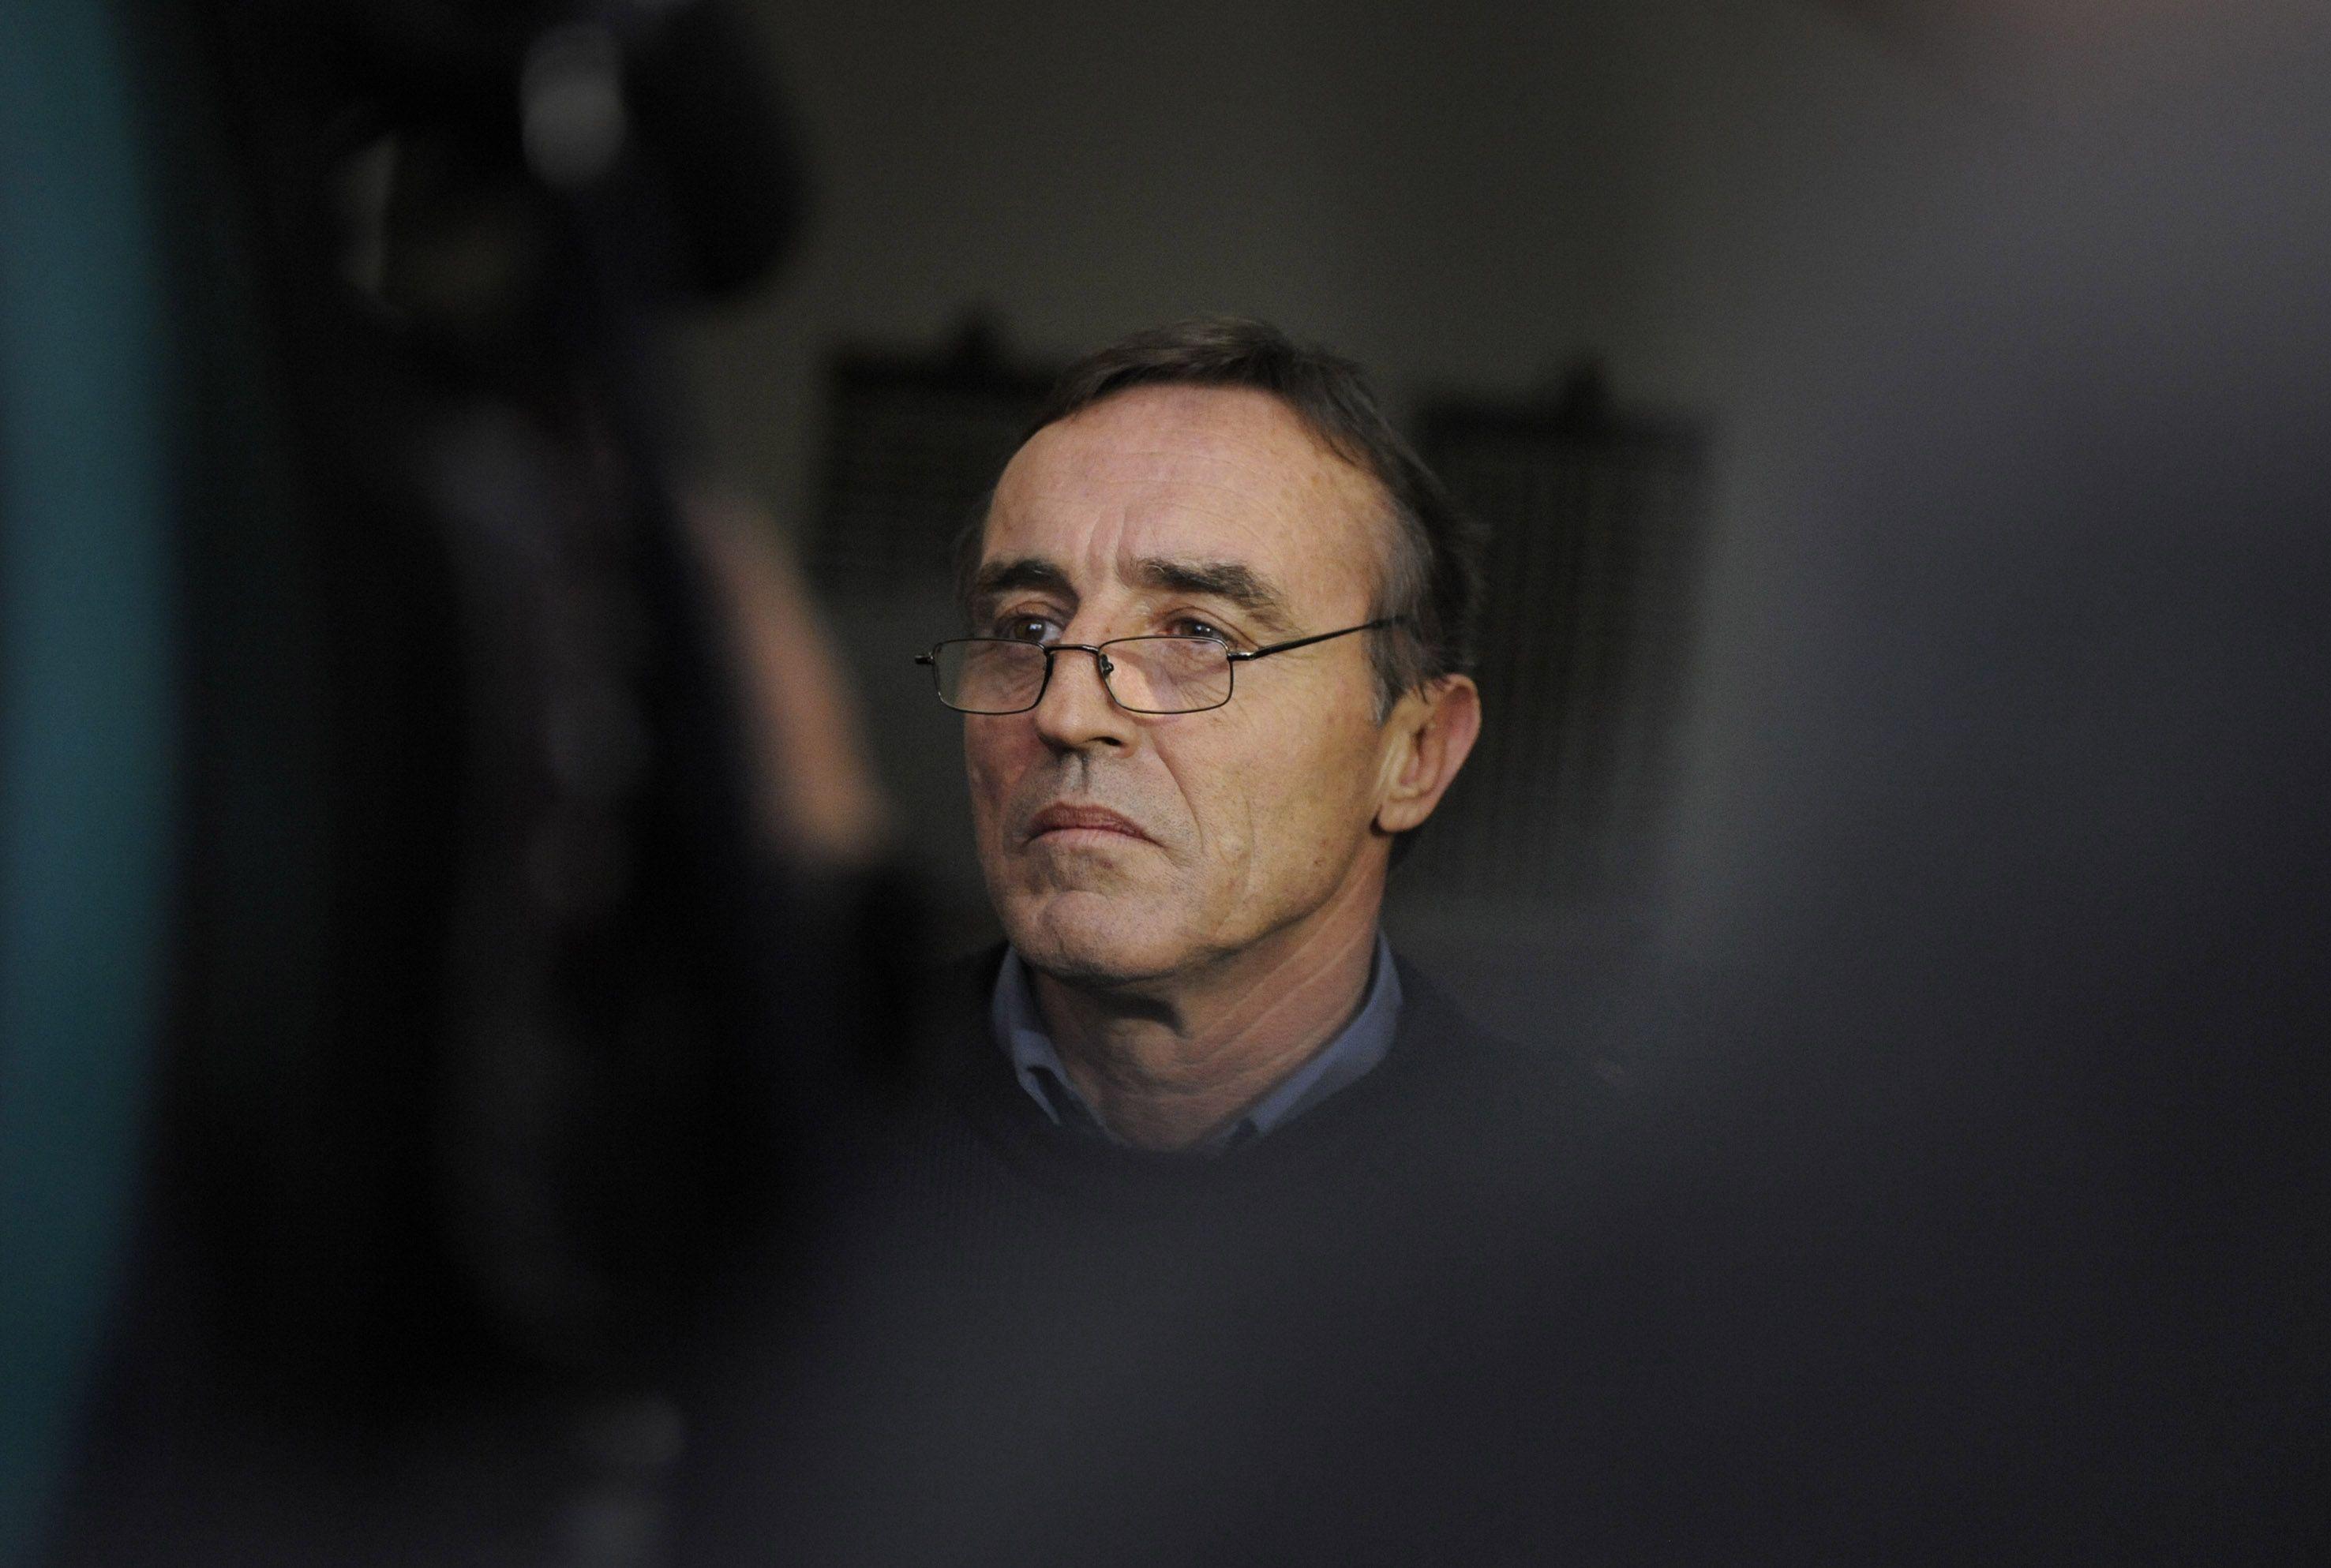 Hugo Tognoli seguirá preso a pesar de las garantías ofrecidas. (M.Sarlo-archivo)